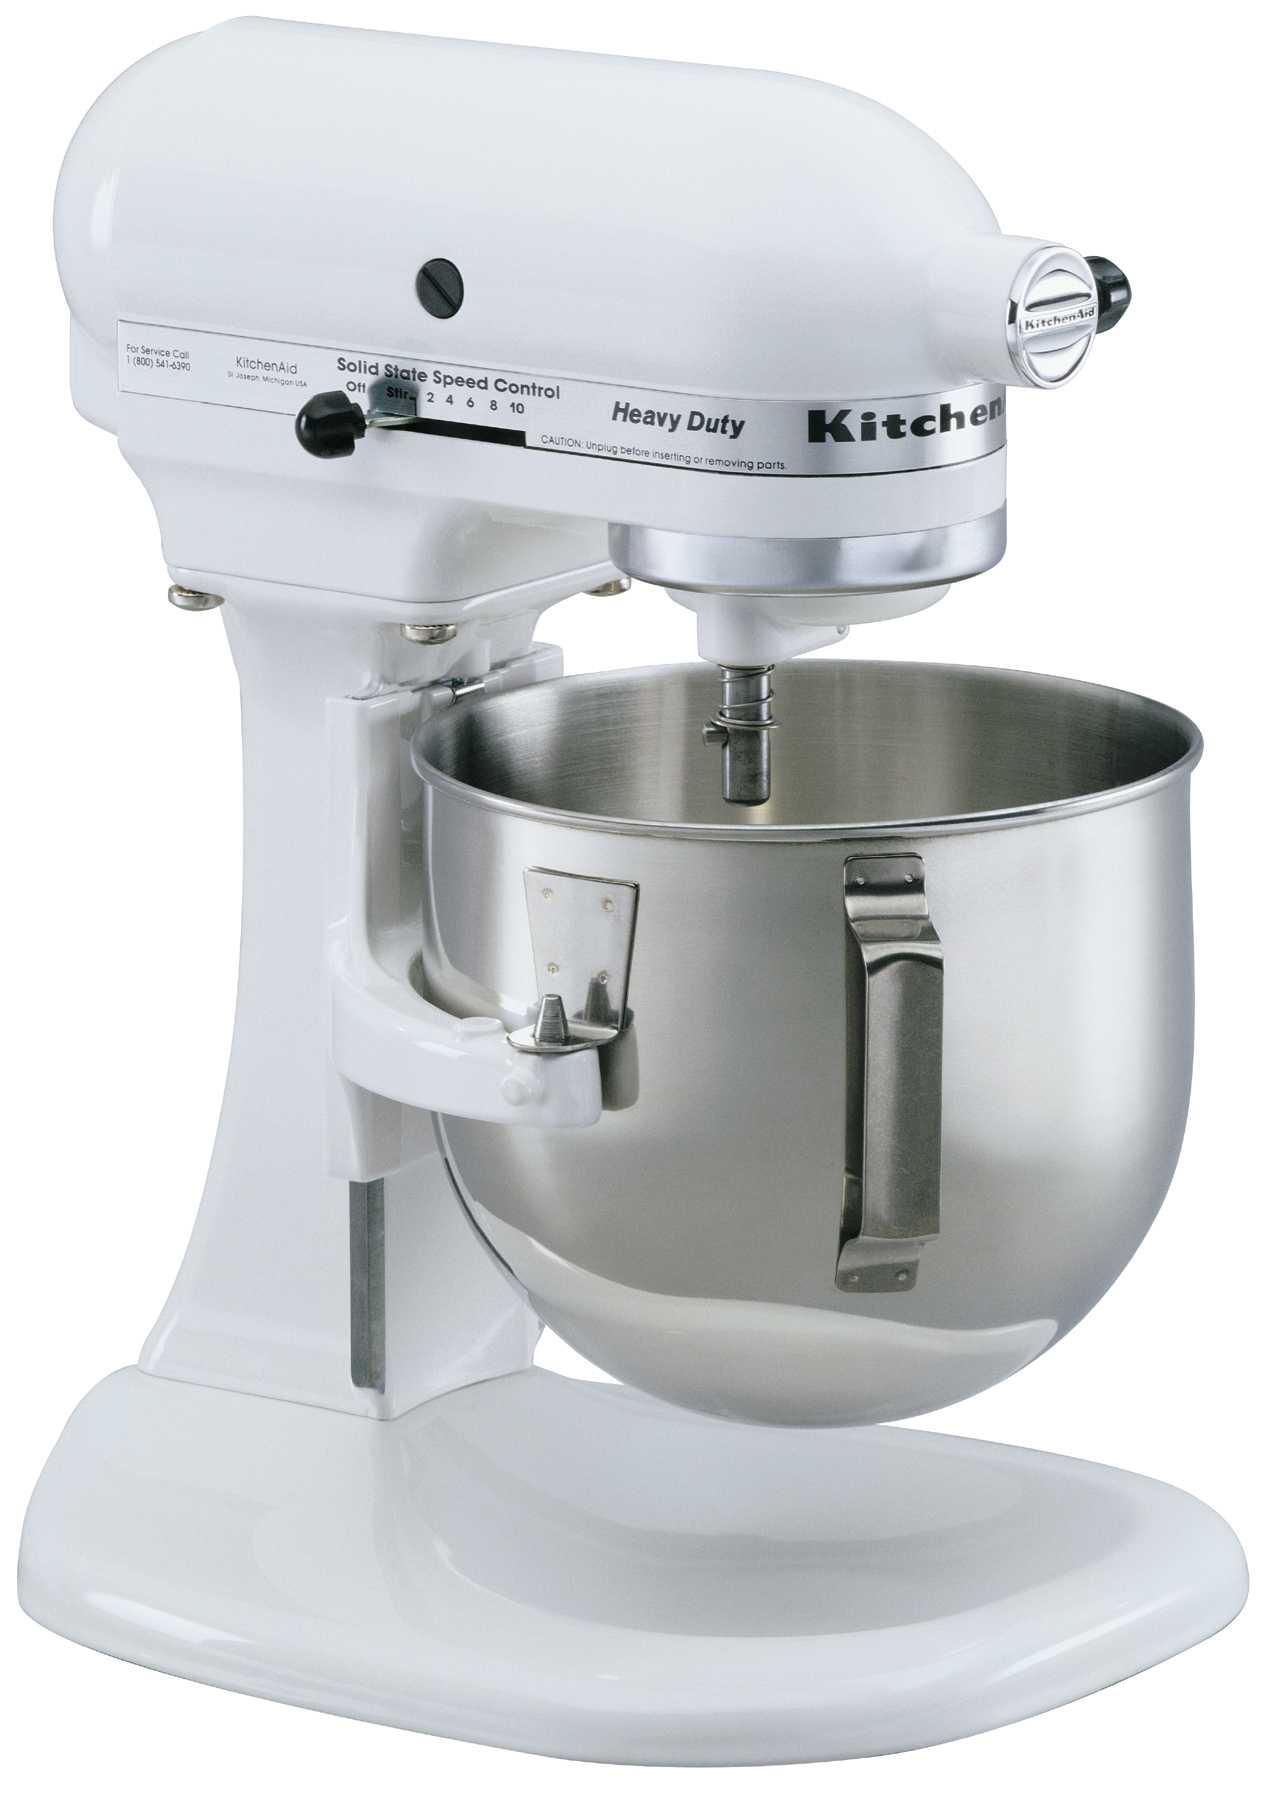 White kitchen aid mixer Photo - 1